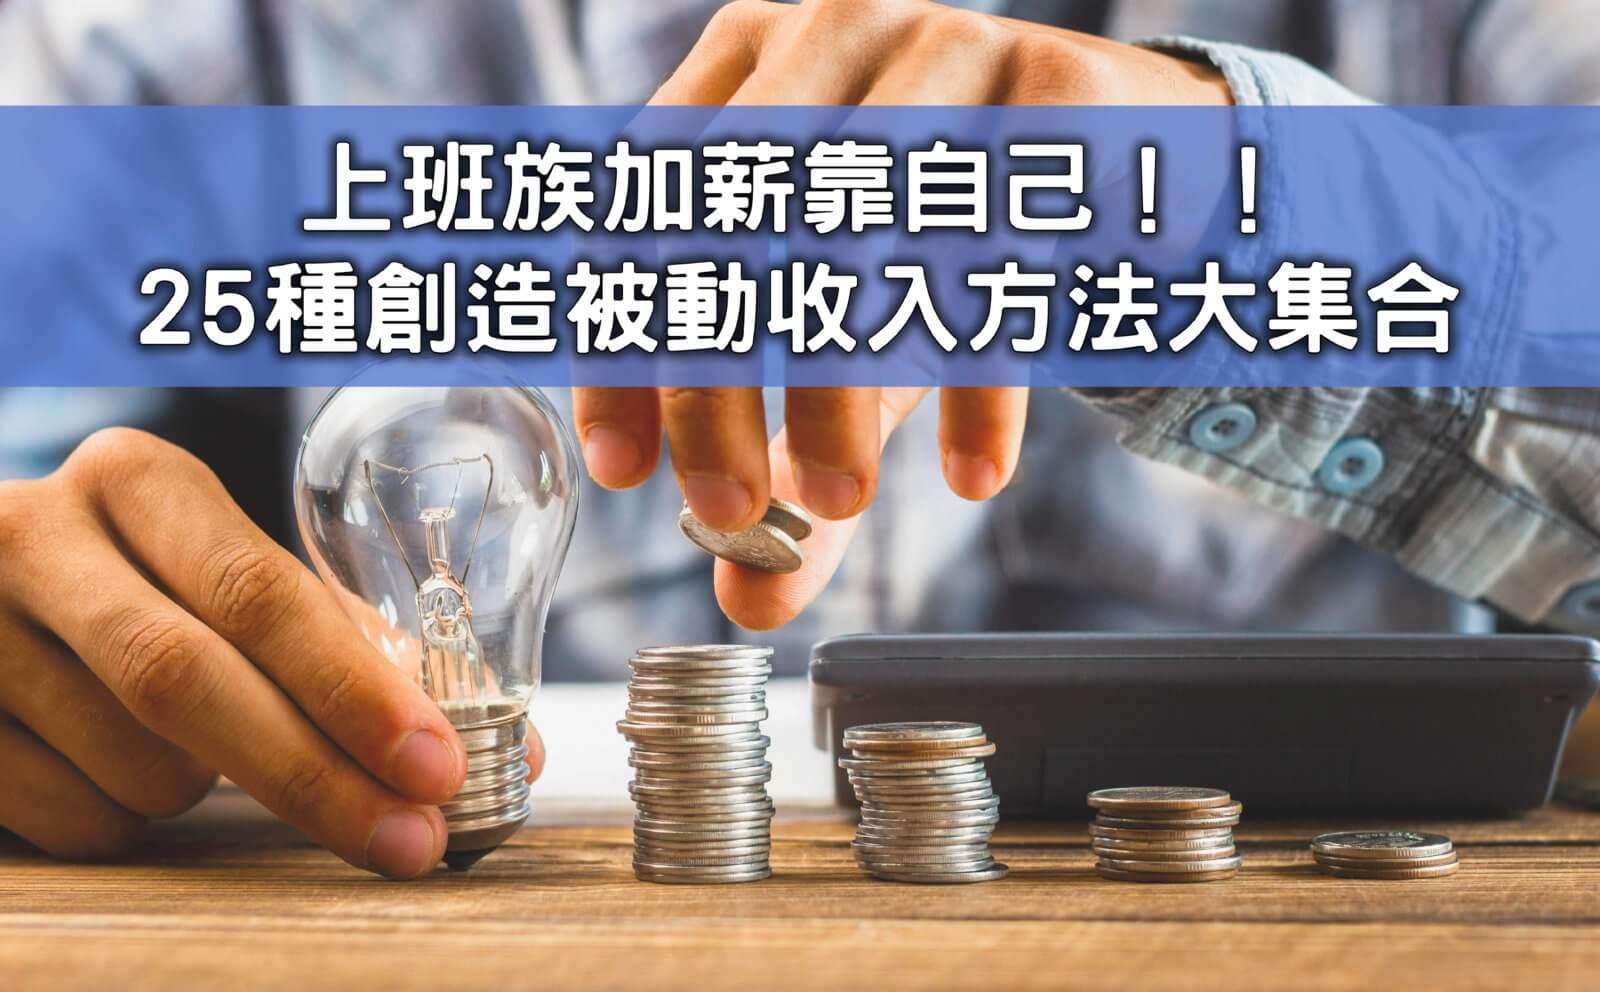 【上班族必收藏】加薪靠自己!25種創造被動收入方法大公開(2021最新版)|財務諮詢|打造被動收入